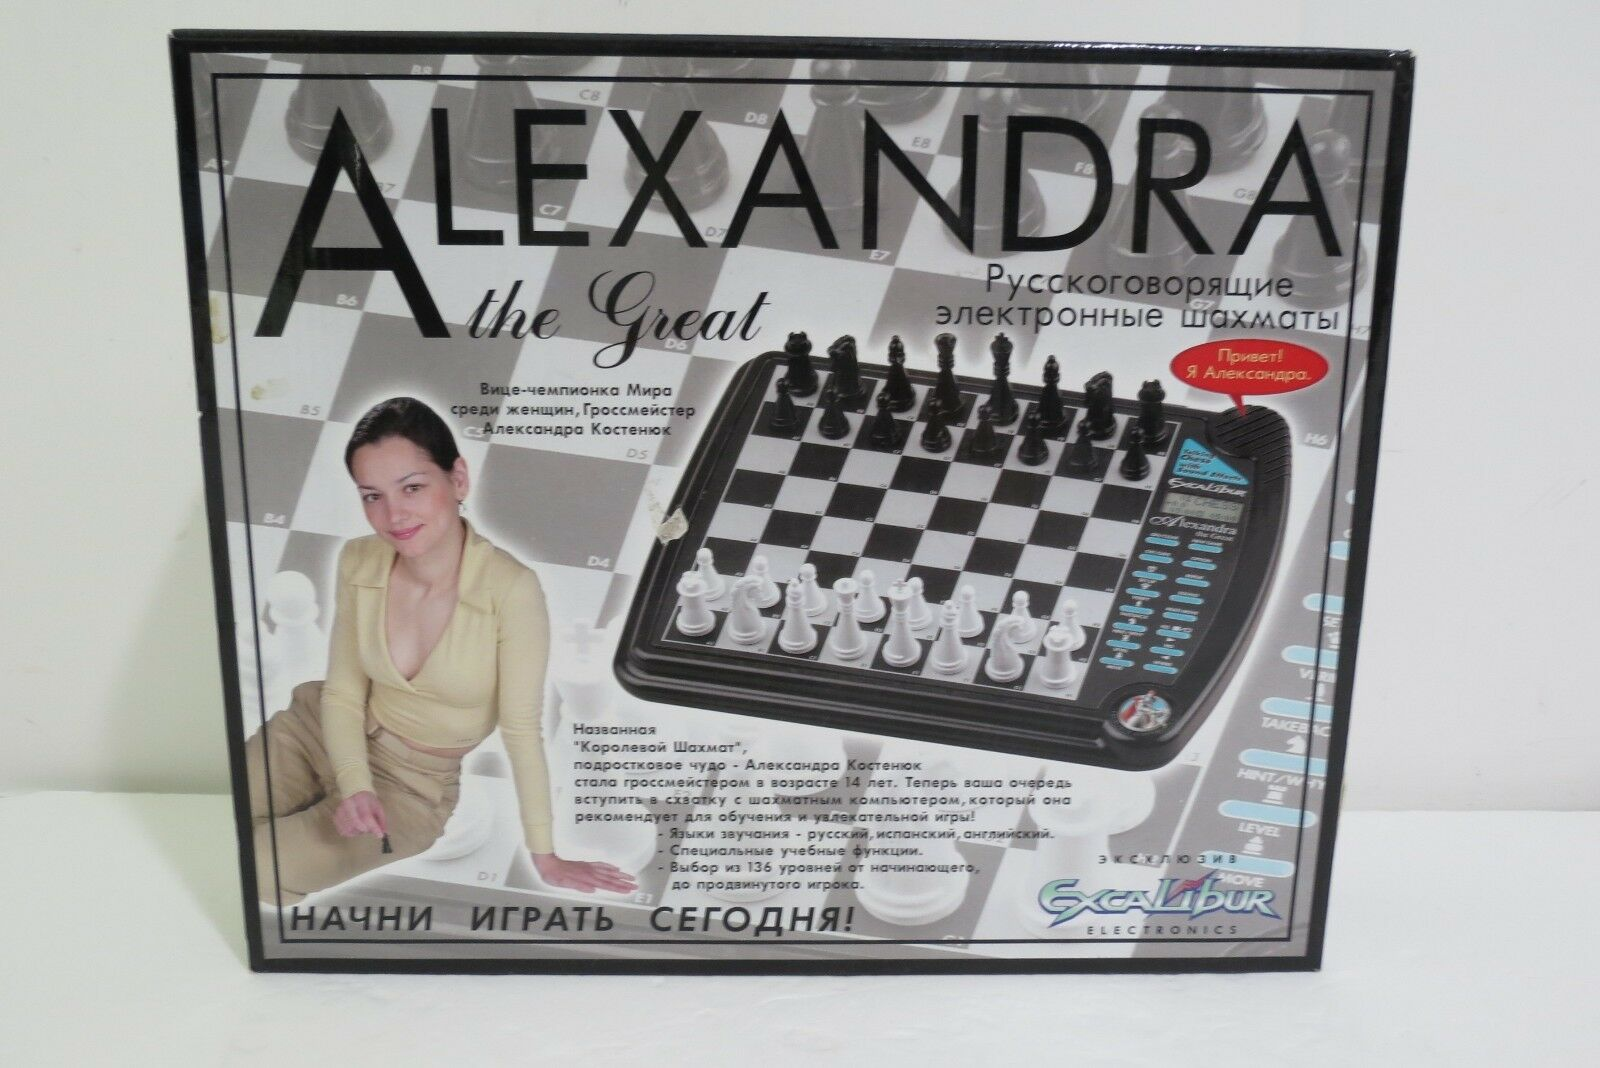 ¡envío gratis! Excalibur Excalibur Excalibur Alexandra el gran juego de computadora que habla ajedrez electrónico  908  minoristas en línea